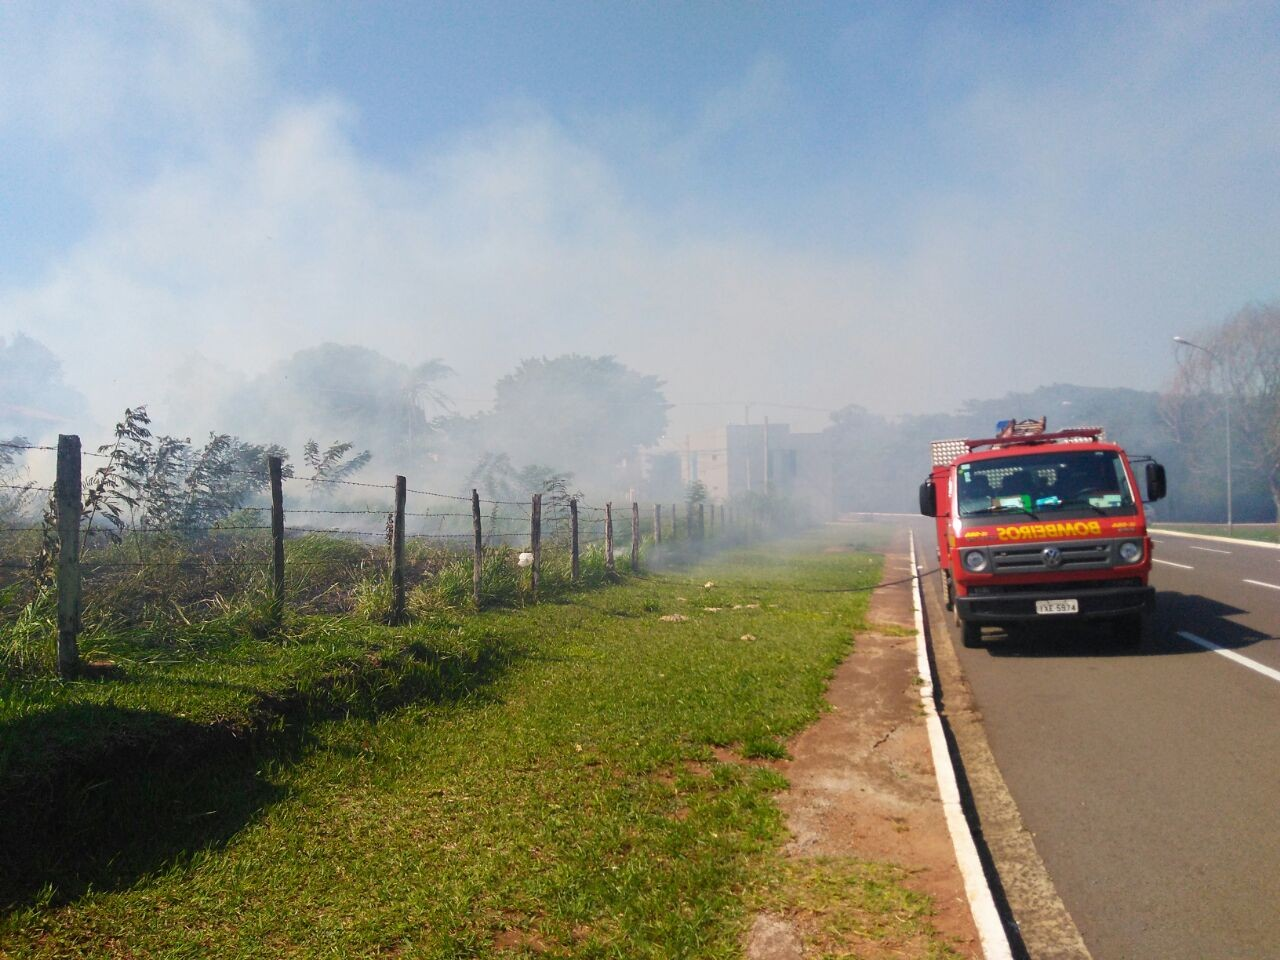 Bombeiro é acionado para conter fogo em terrenos de Campo Grande